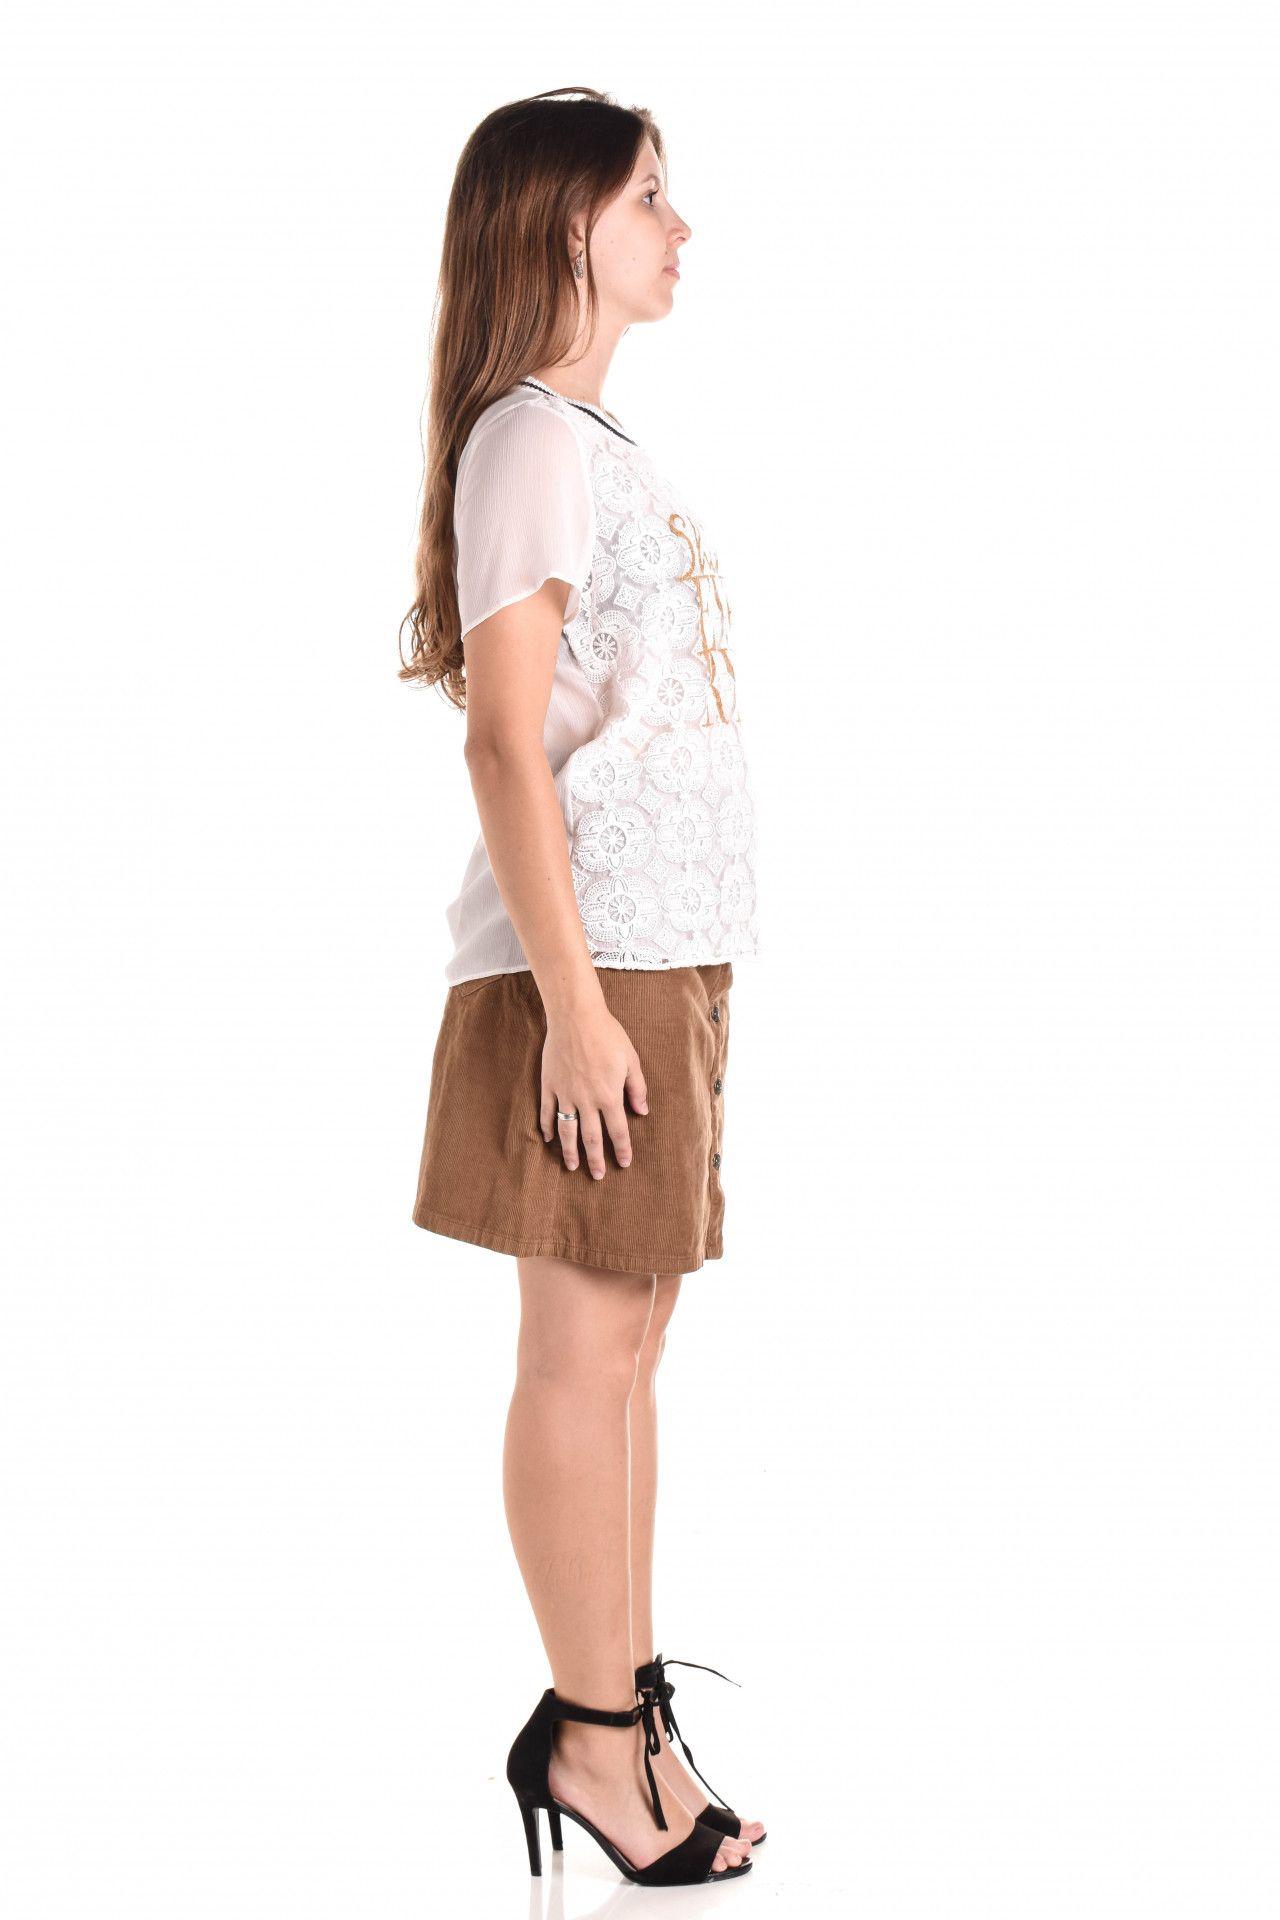 Damyller - Camiseta Branca Renda  - Foto 4